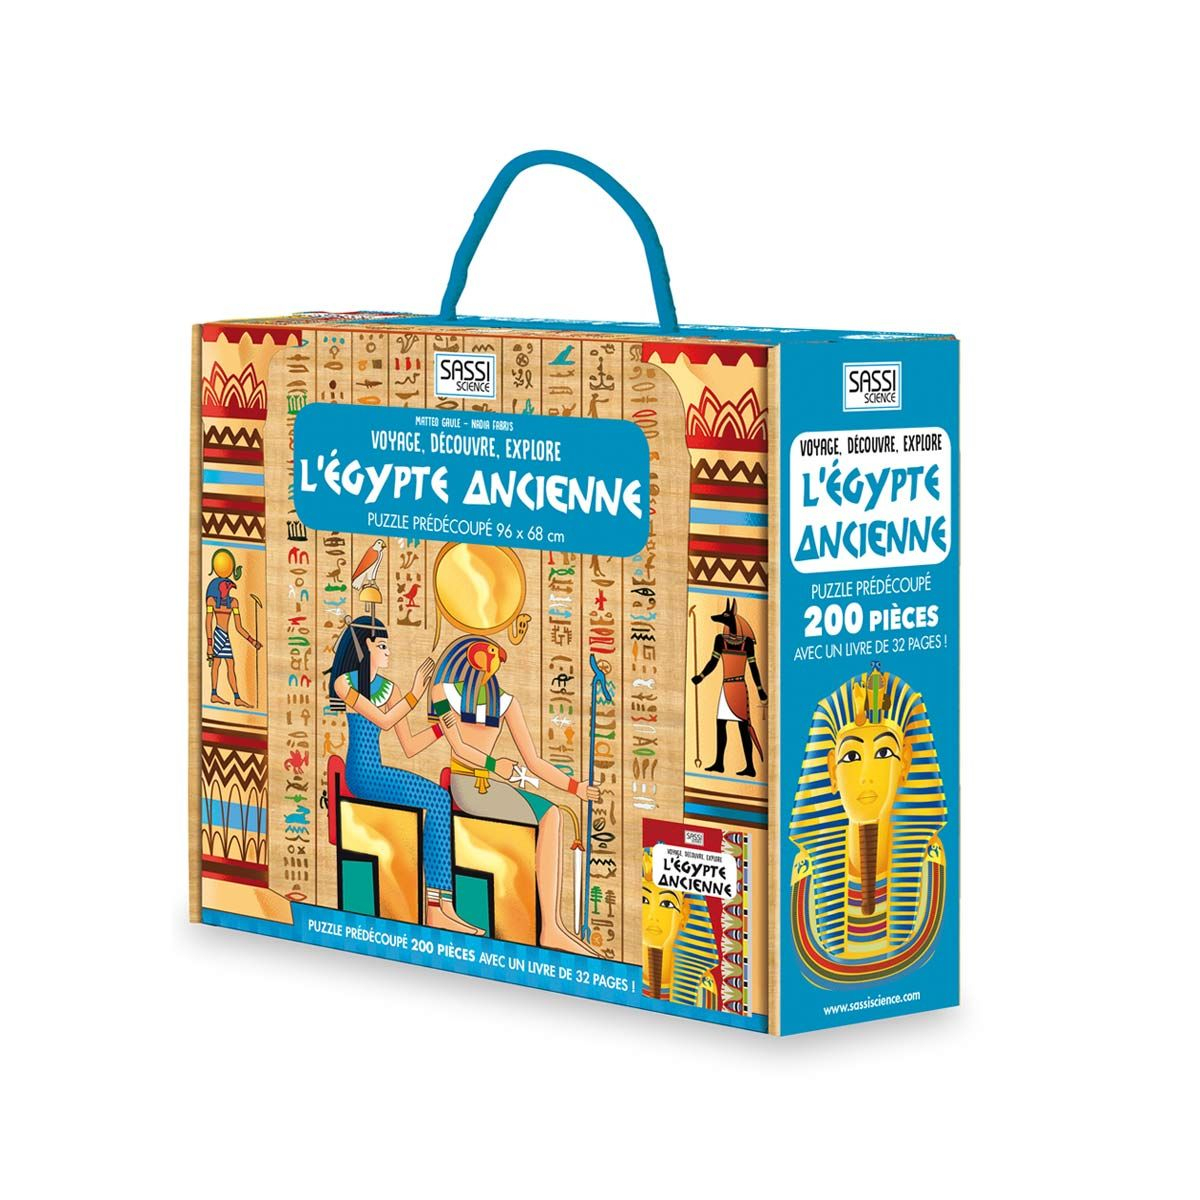 Puzzle Découverte De L'egypte Et Son Livret Sassi | Jeux avec Jeux Pour Enfant 7 Ans